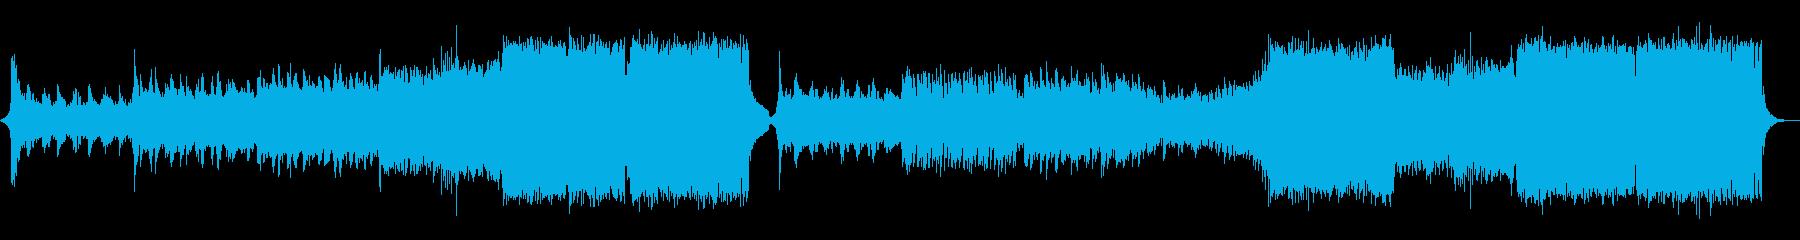 爽やかなEDMの再生済みの波形